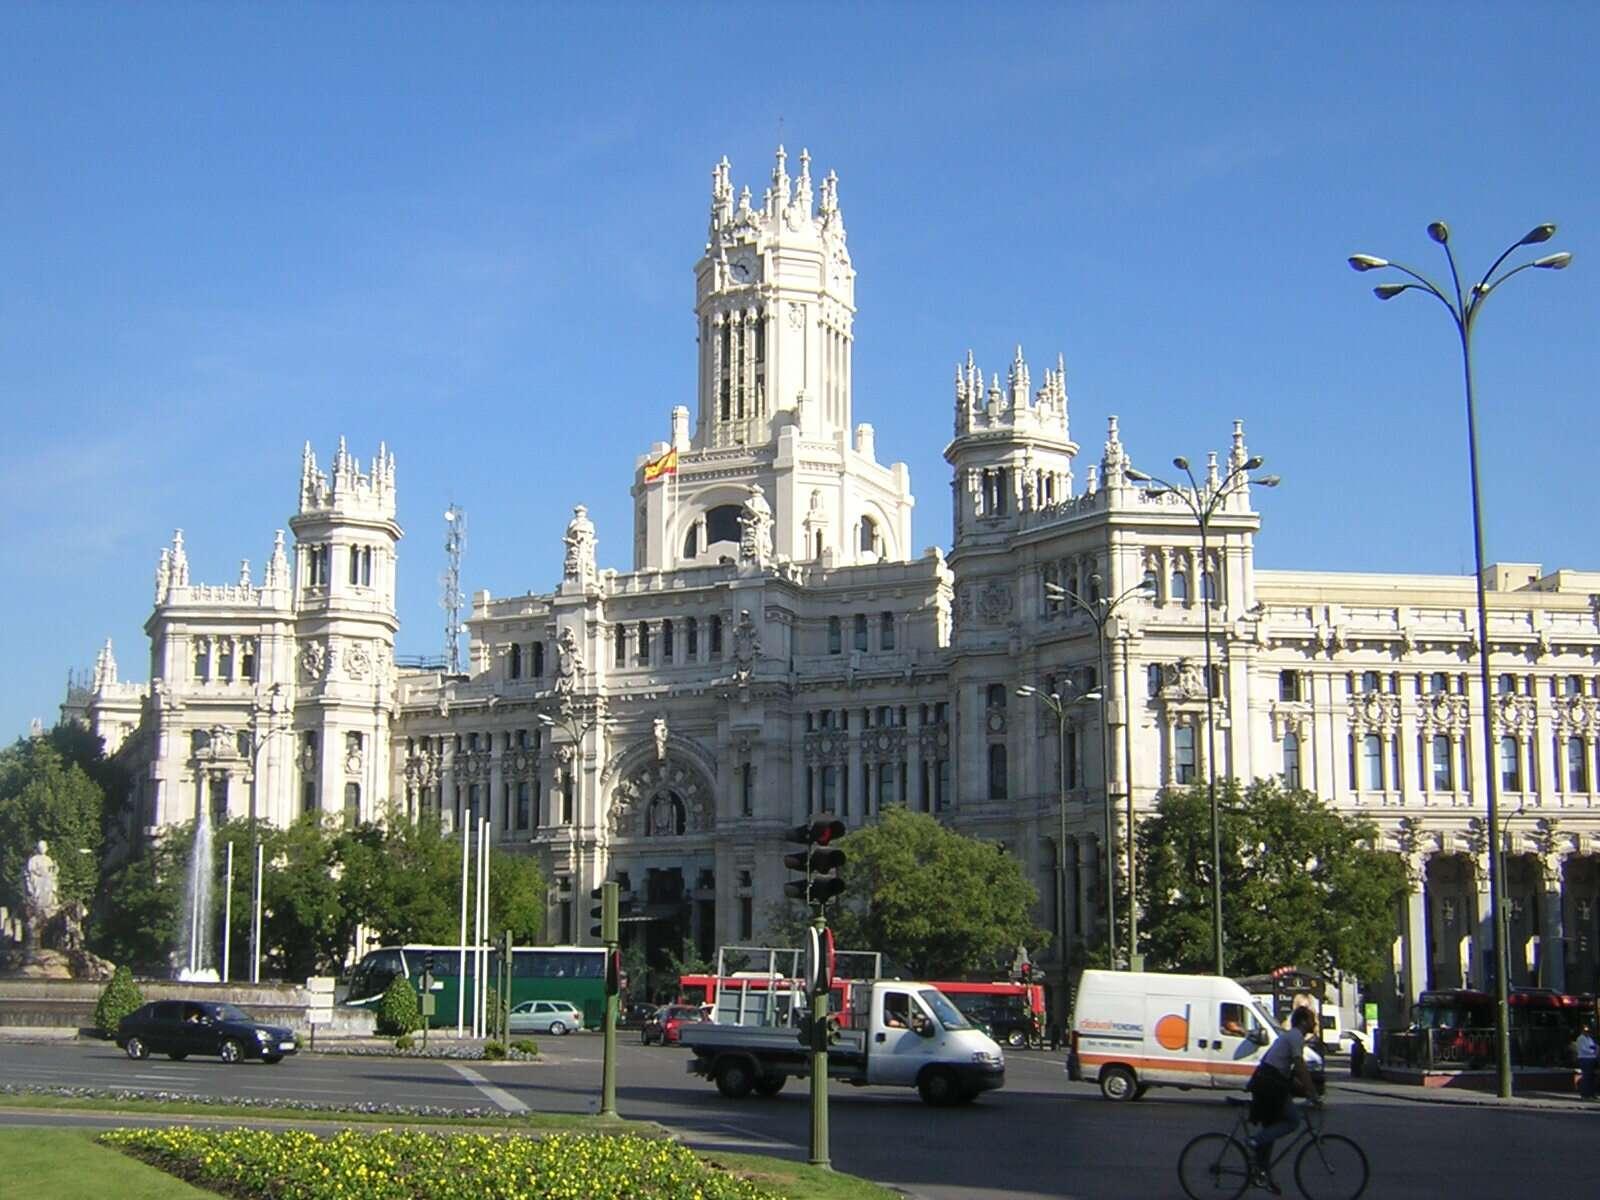 Palácio de Cibelles - Madri